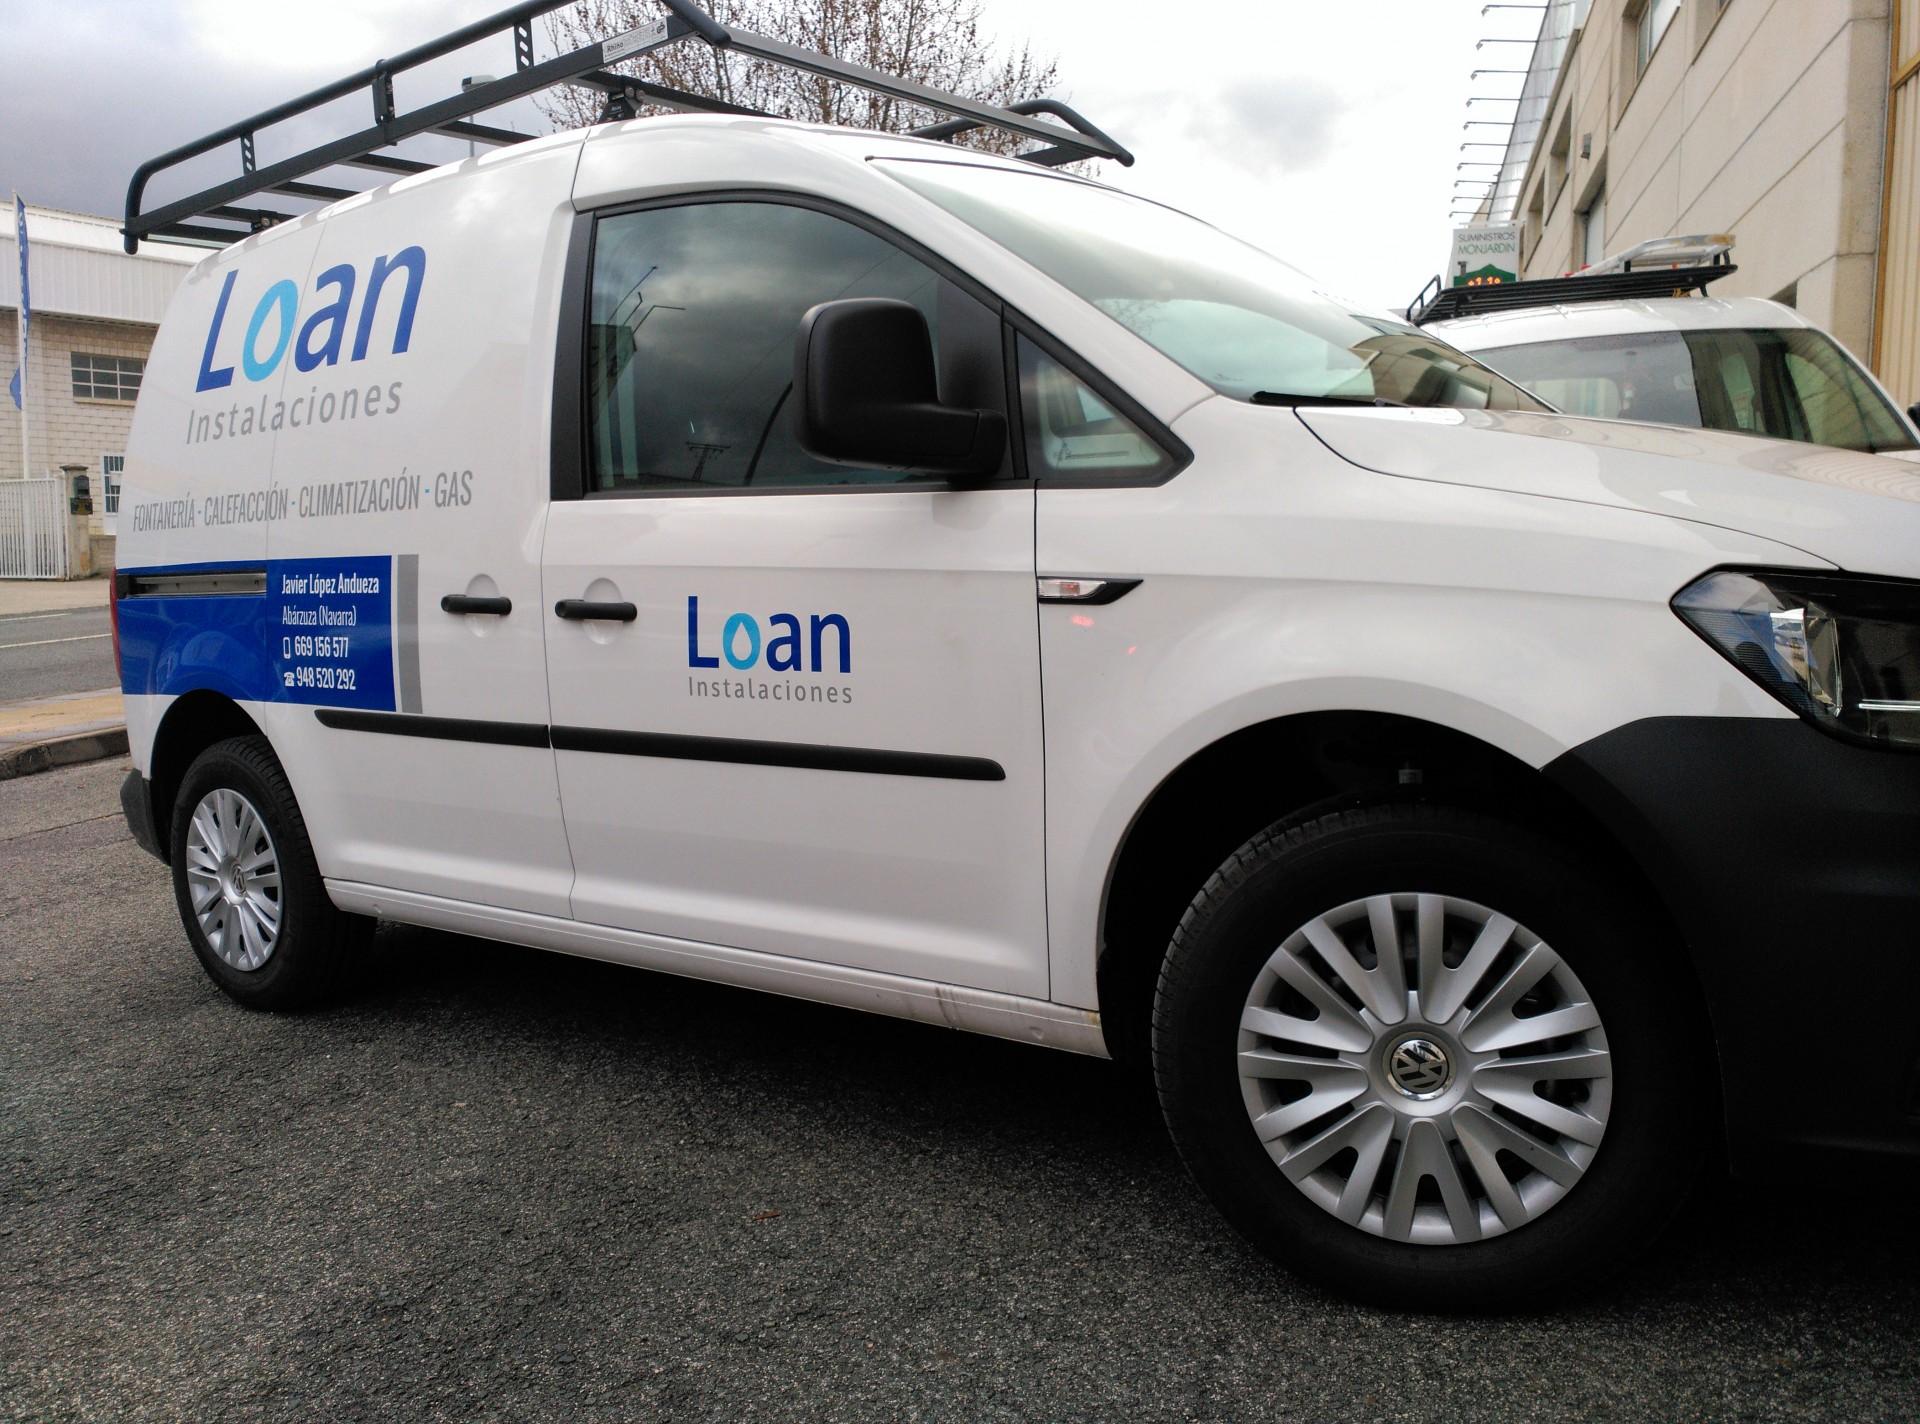 instalaciones_loan_rotulacion_vehículos